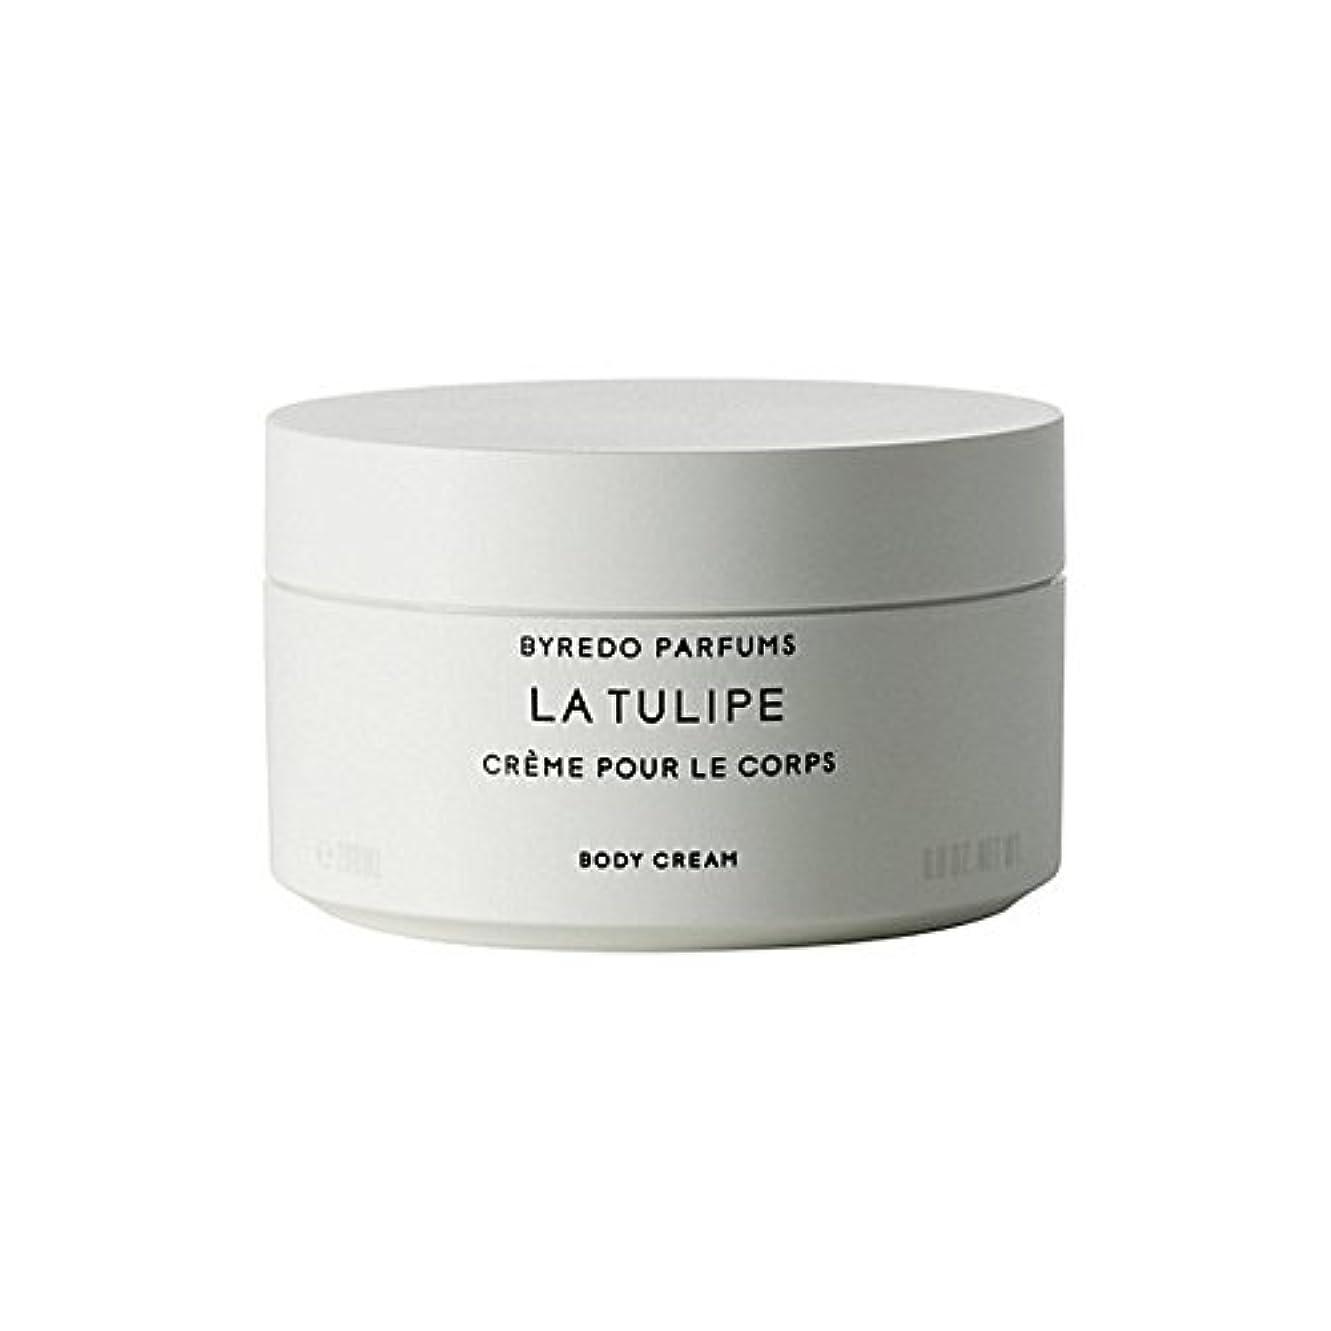 パーティー武装解除発生するラチューリップボディクリーム200ミリリットル x2 - Byredo La Tulipe Body Cream 200ml (Pack of 2) [並行輸入品]